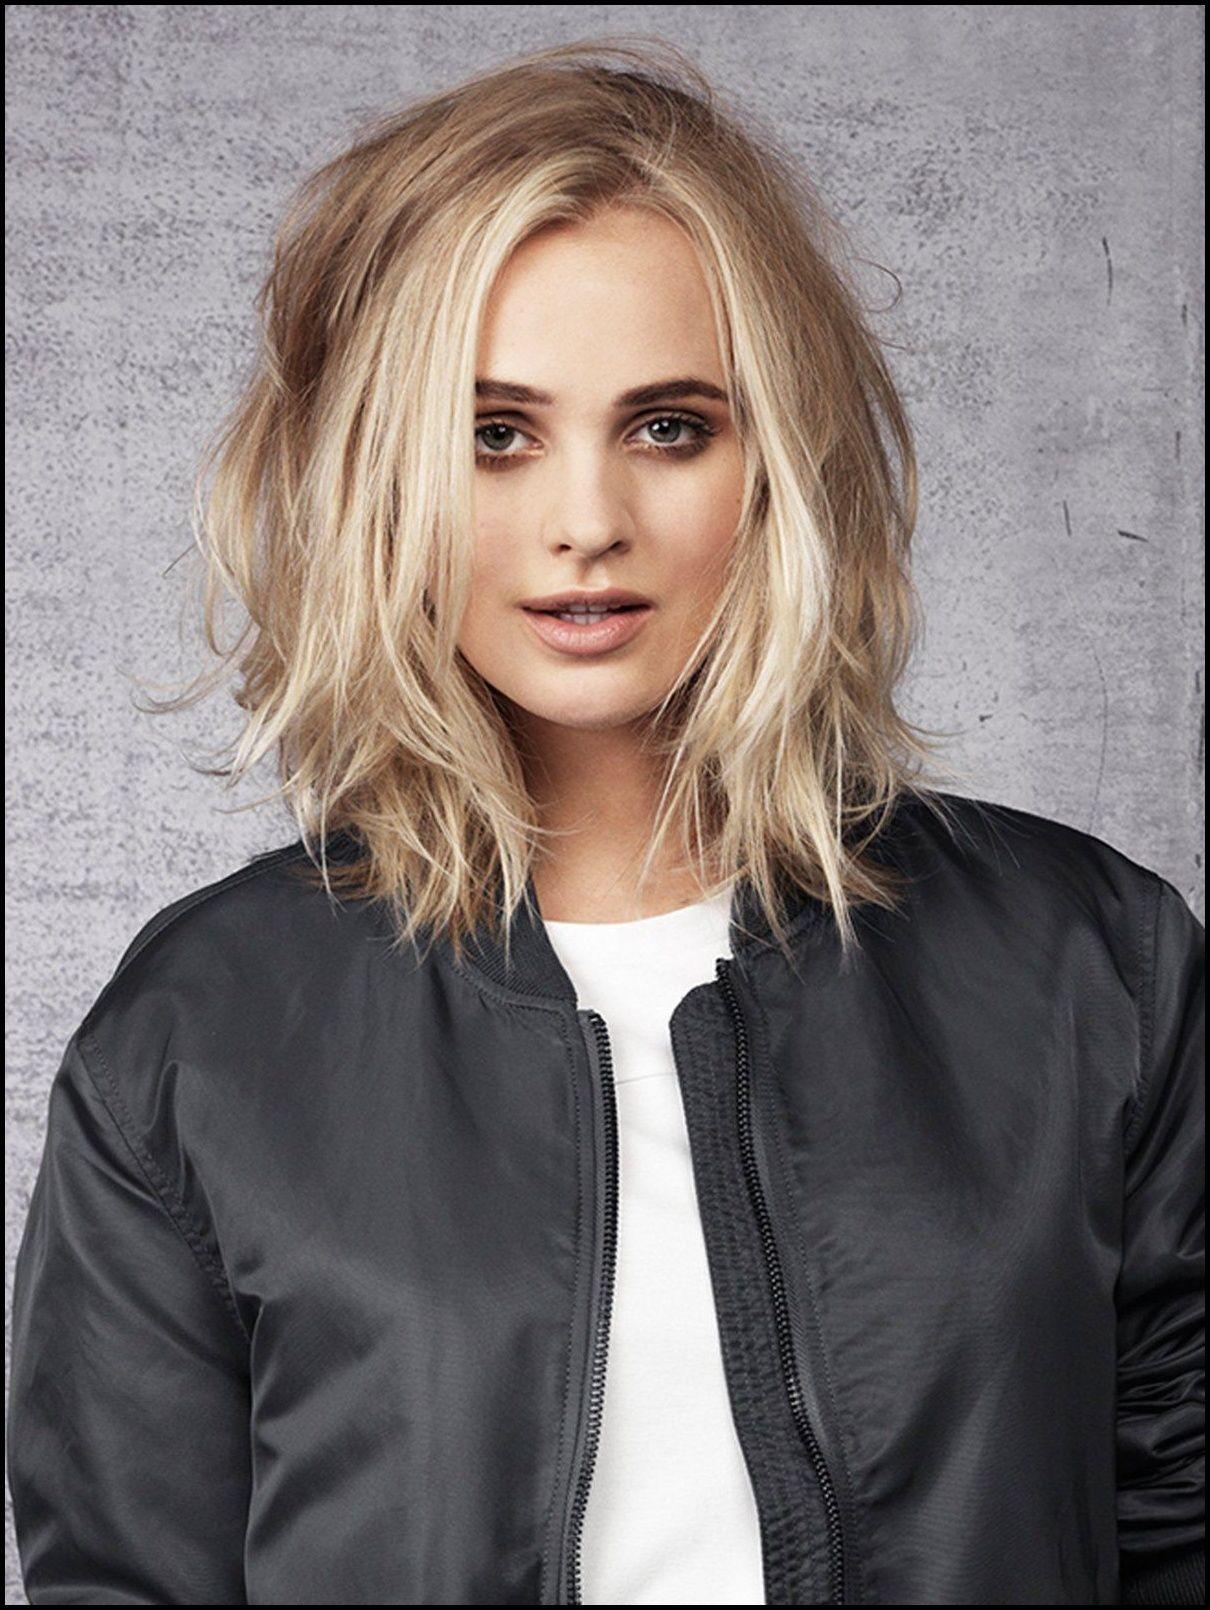 Pin Von Einfache Frisuren Auf Kurzhaarfrisuren In 2019 Hair Hair